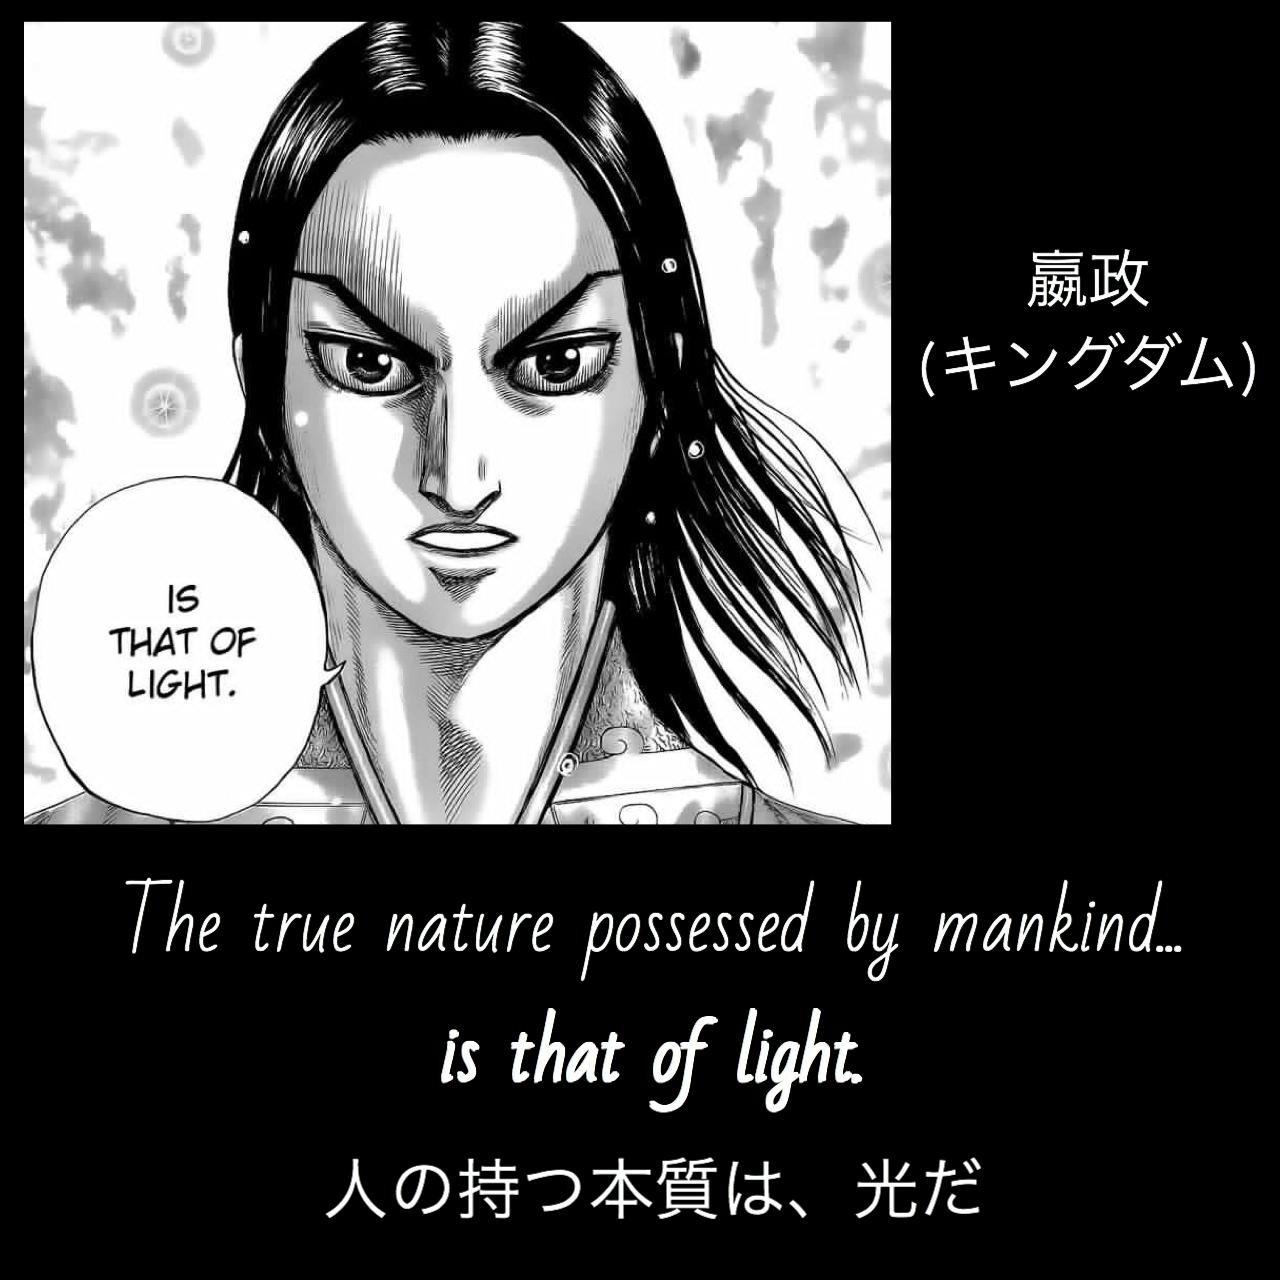 人持つ本質は、光だ / 嬴政(キングダム)